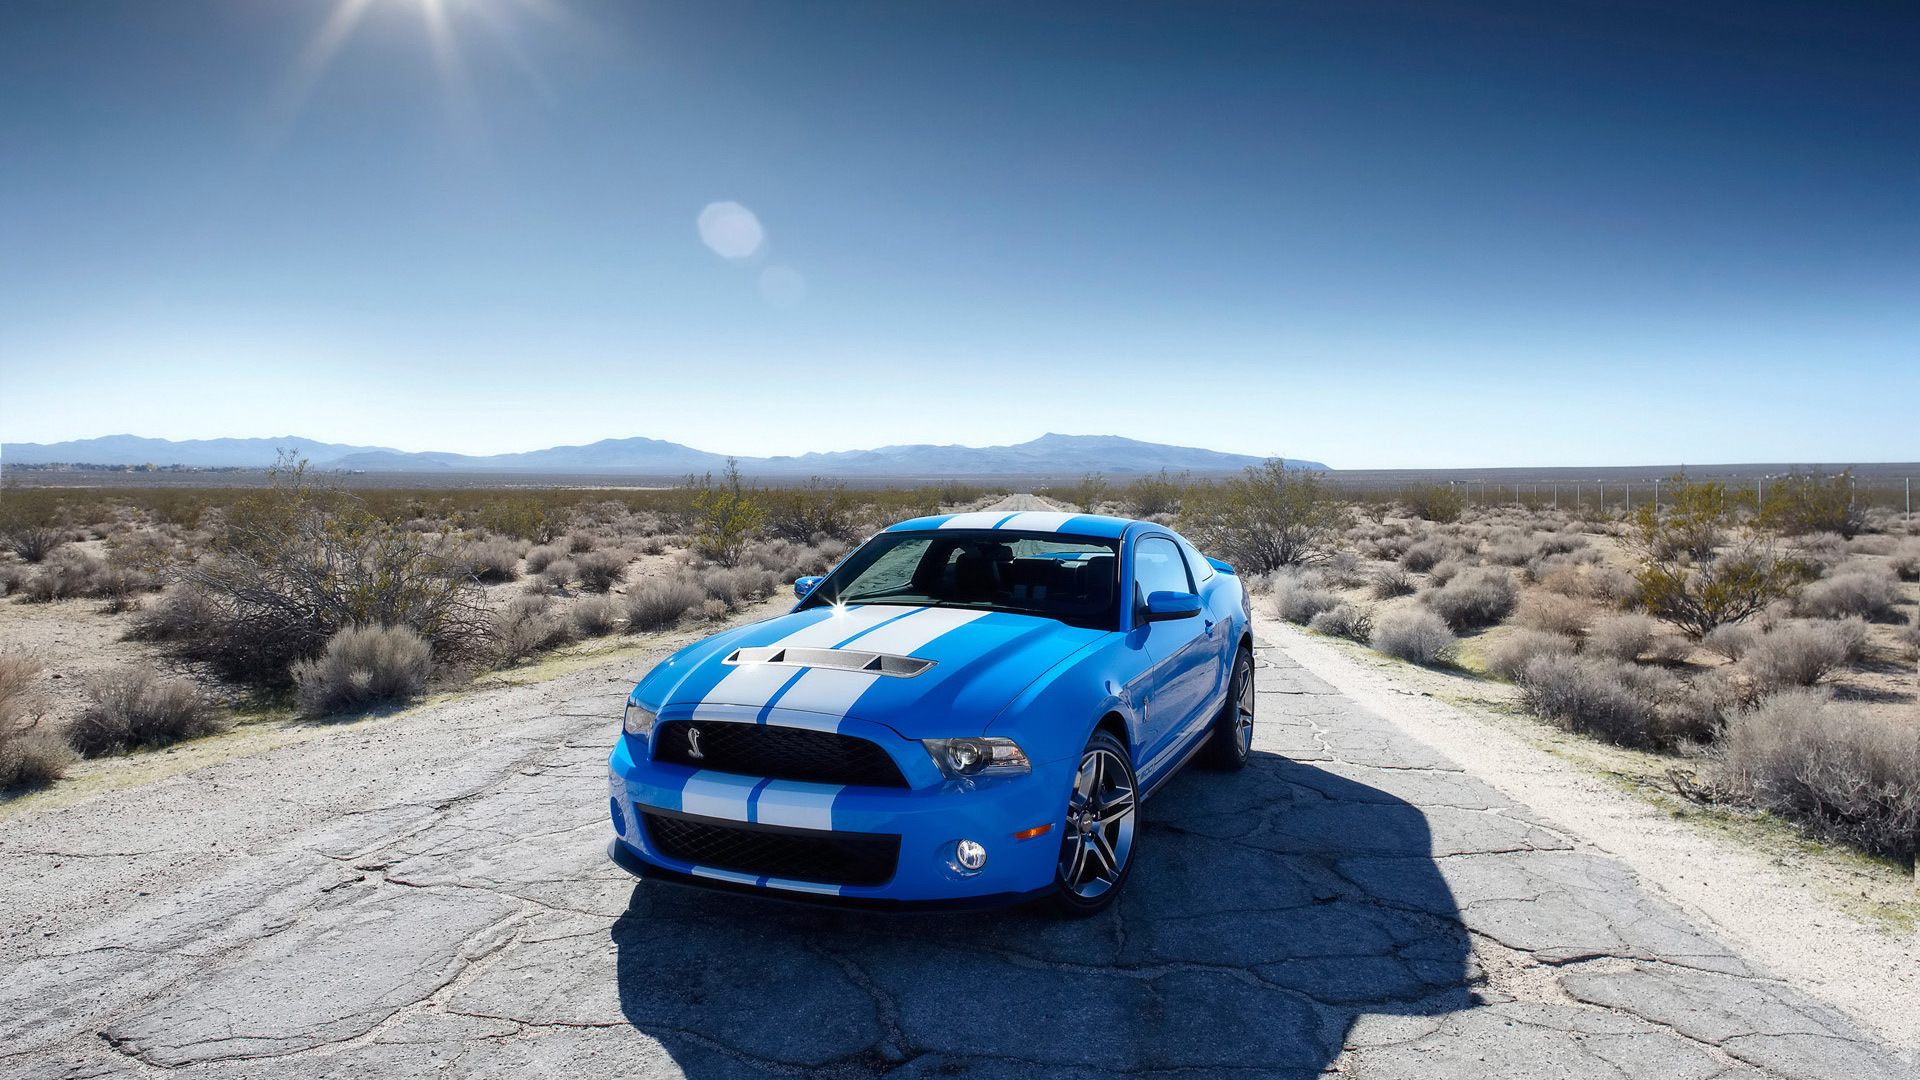 20447 скачать обои Транспорт, Машины, Дороги, Мустанг (Mustang) - заставки и картинки бесплатно